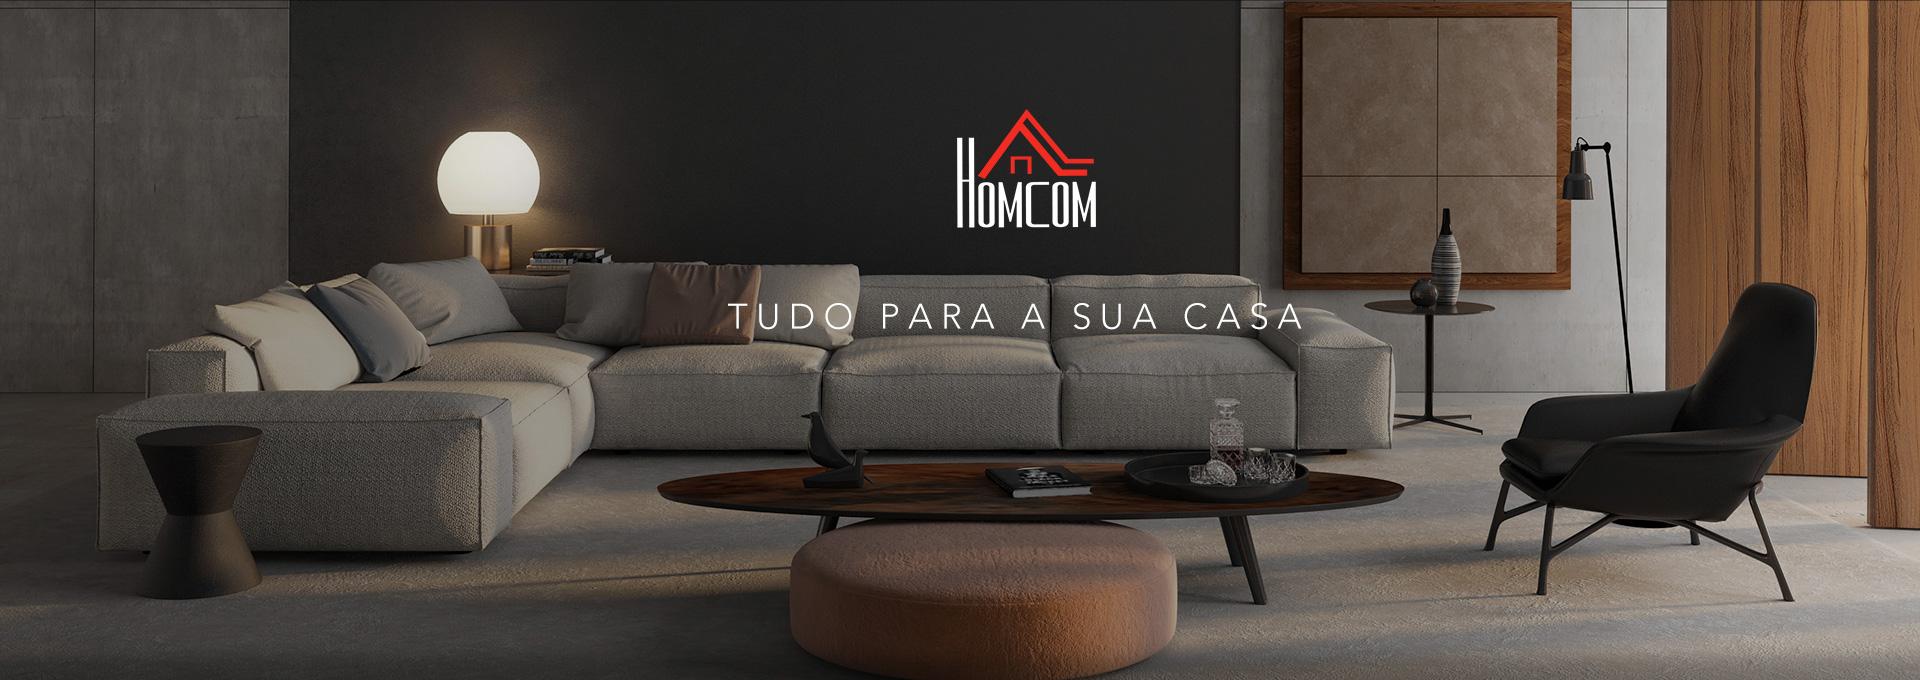 marca - HomCom